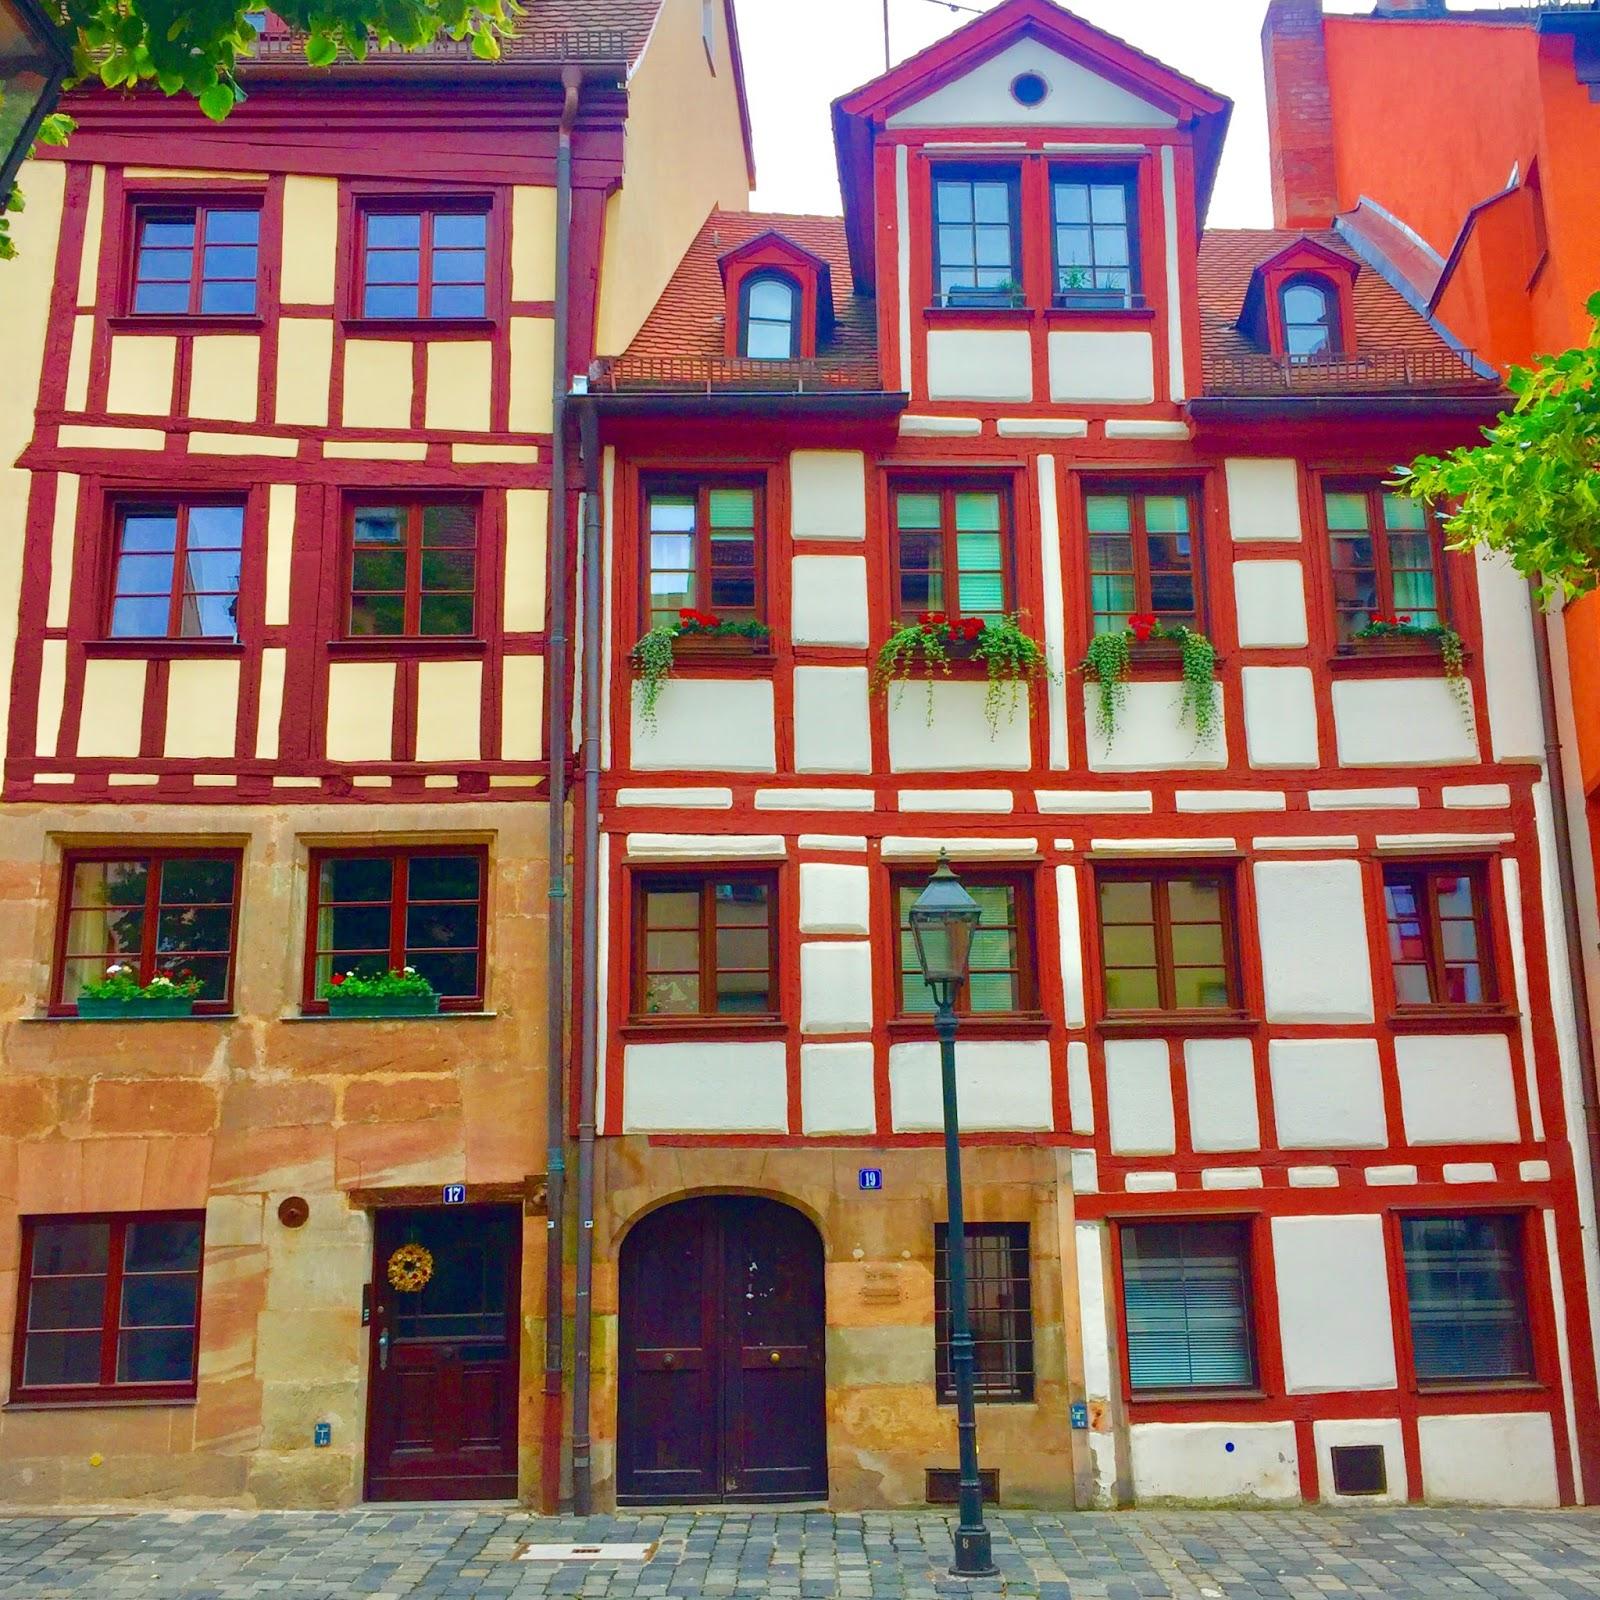 Medieval Architecture in Nuremberg Weißgerbergasse